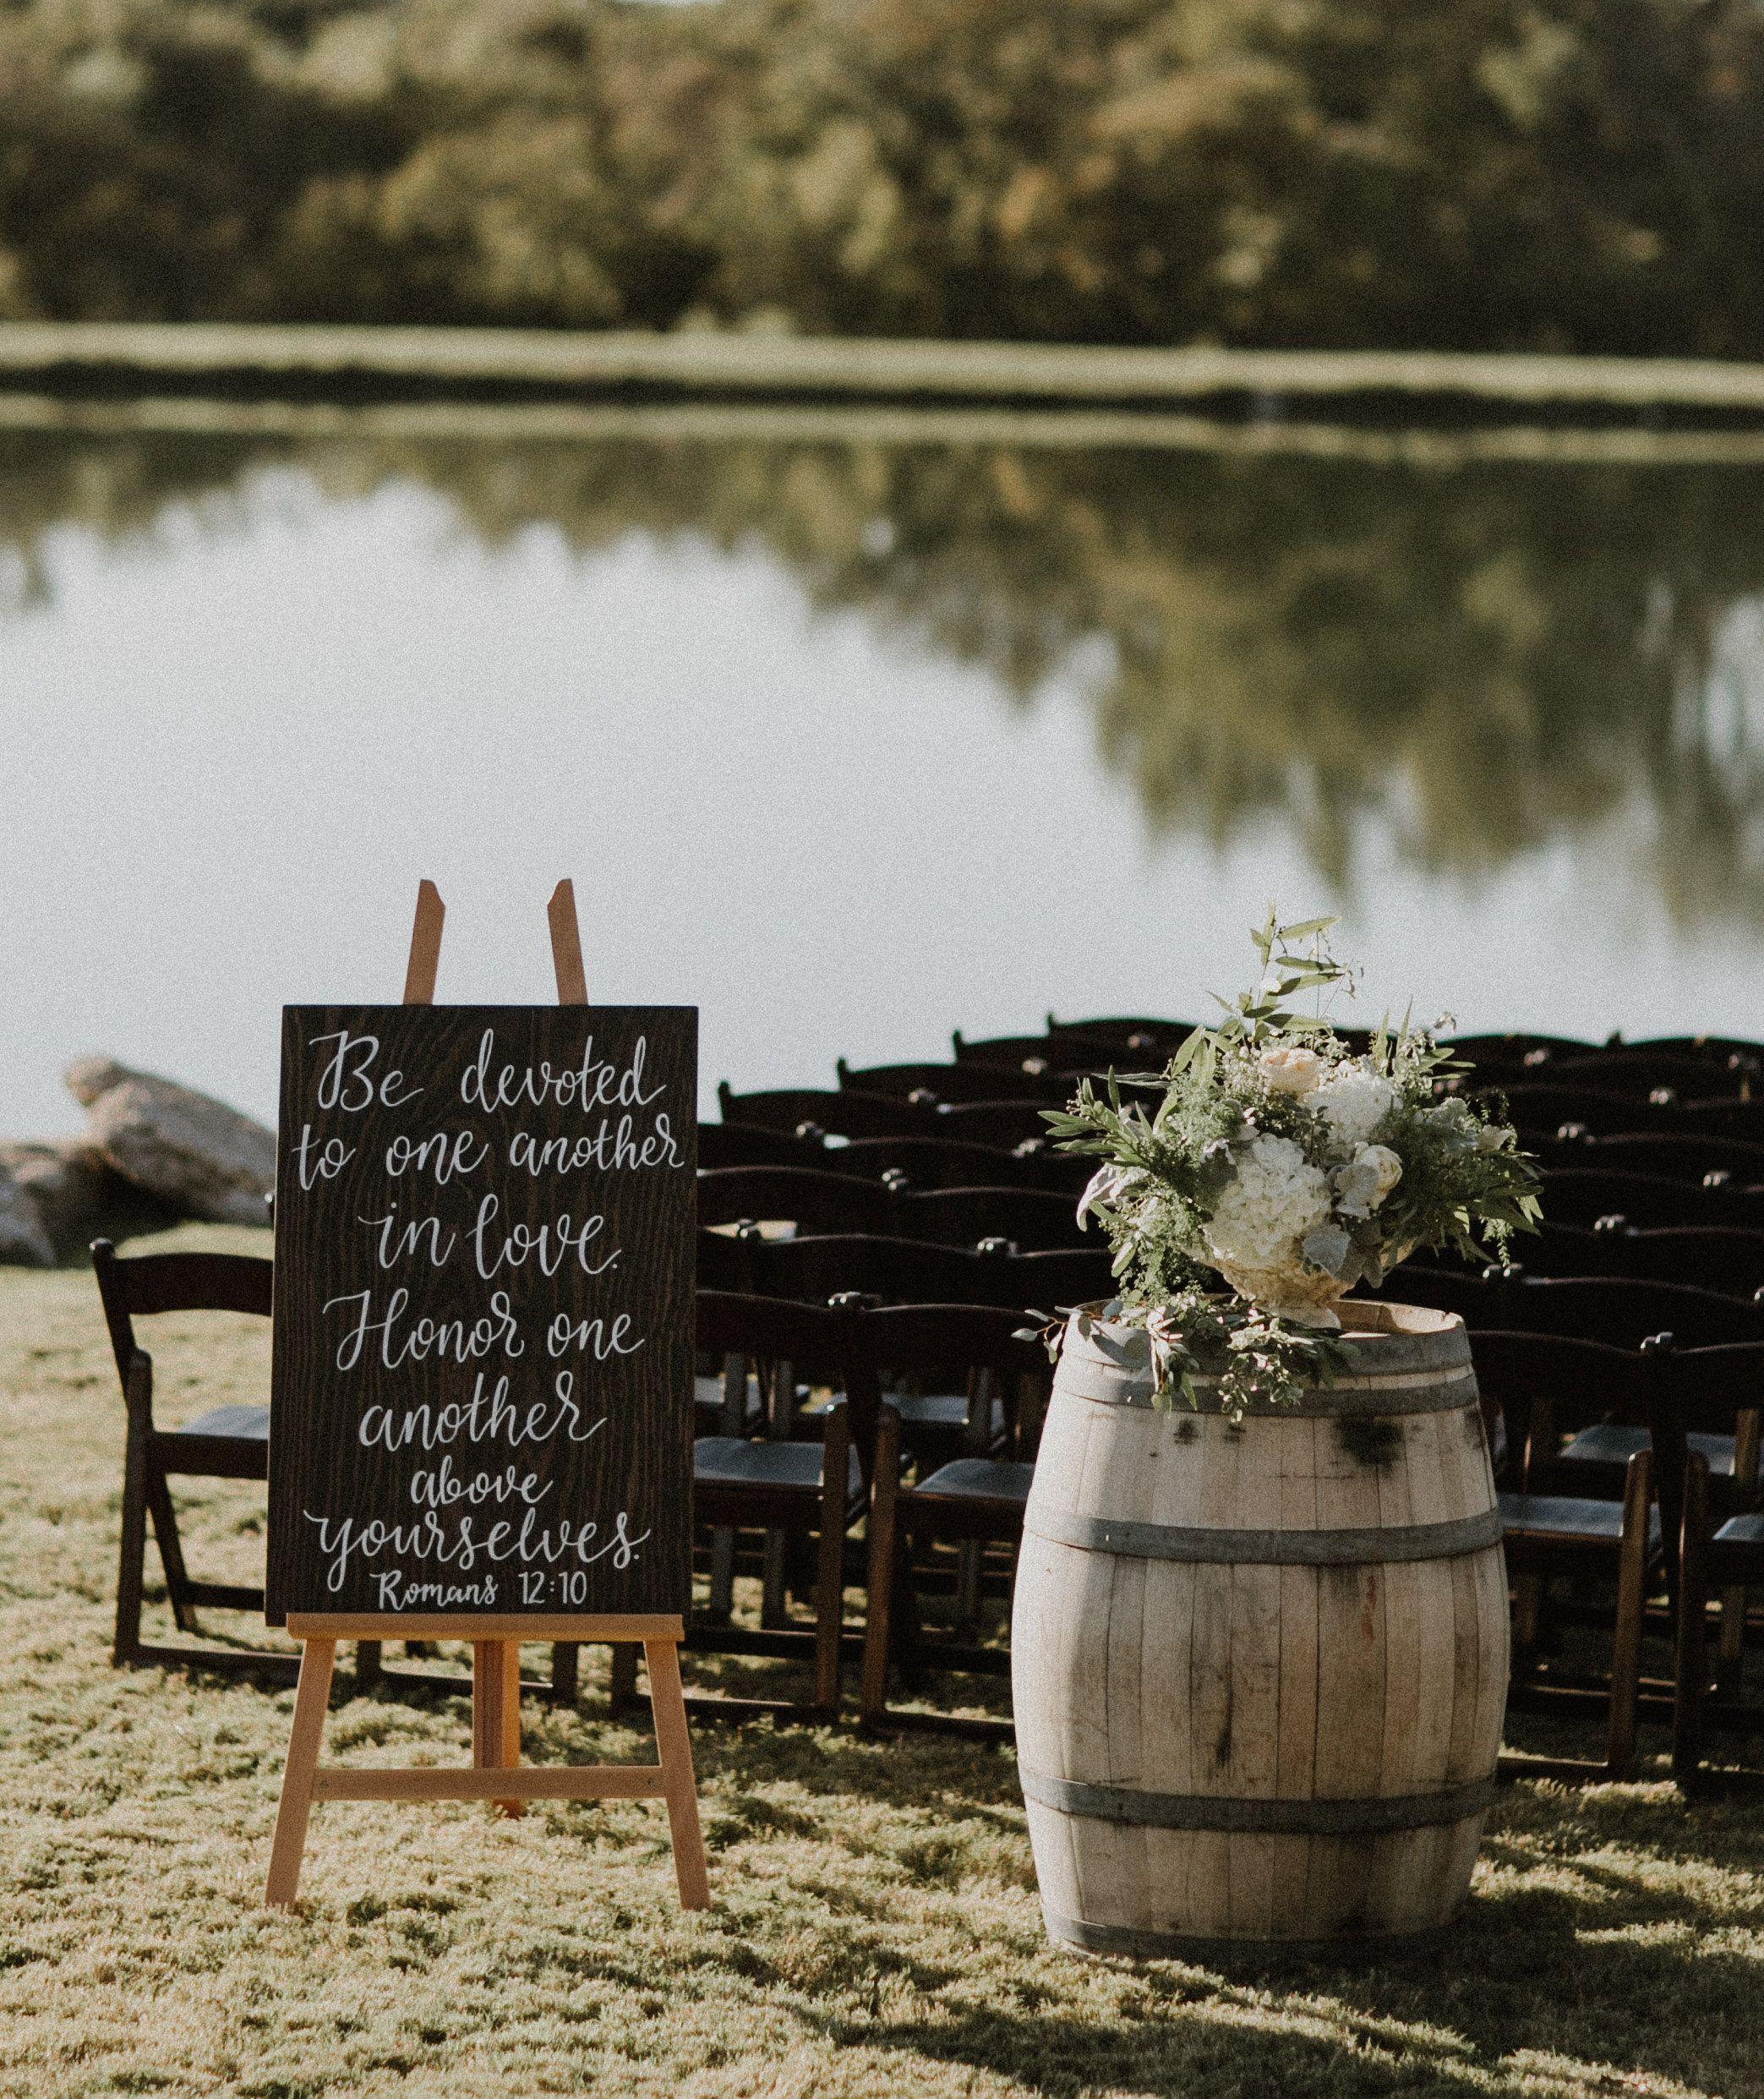 Rustic Outdoor Wedding Ideas: Outdoor Wedding Ceremony Decor // Natural, Rustic, Vintage